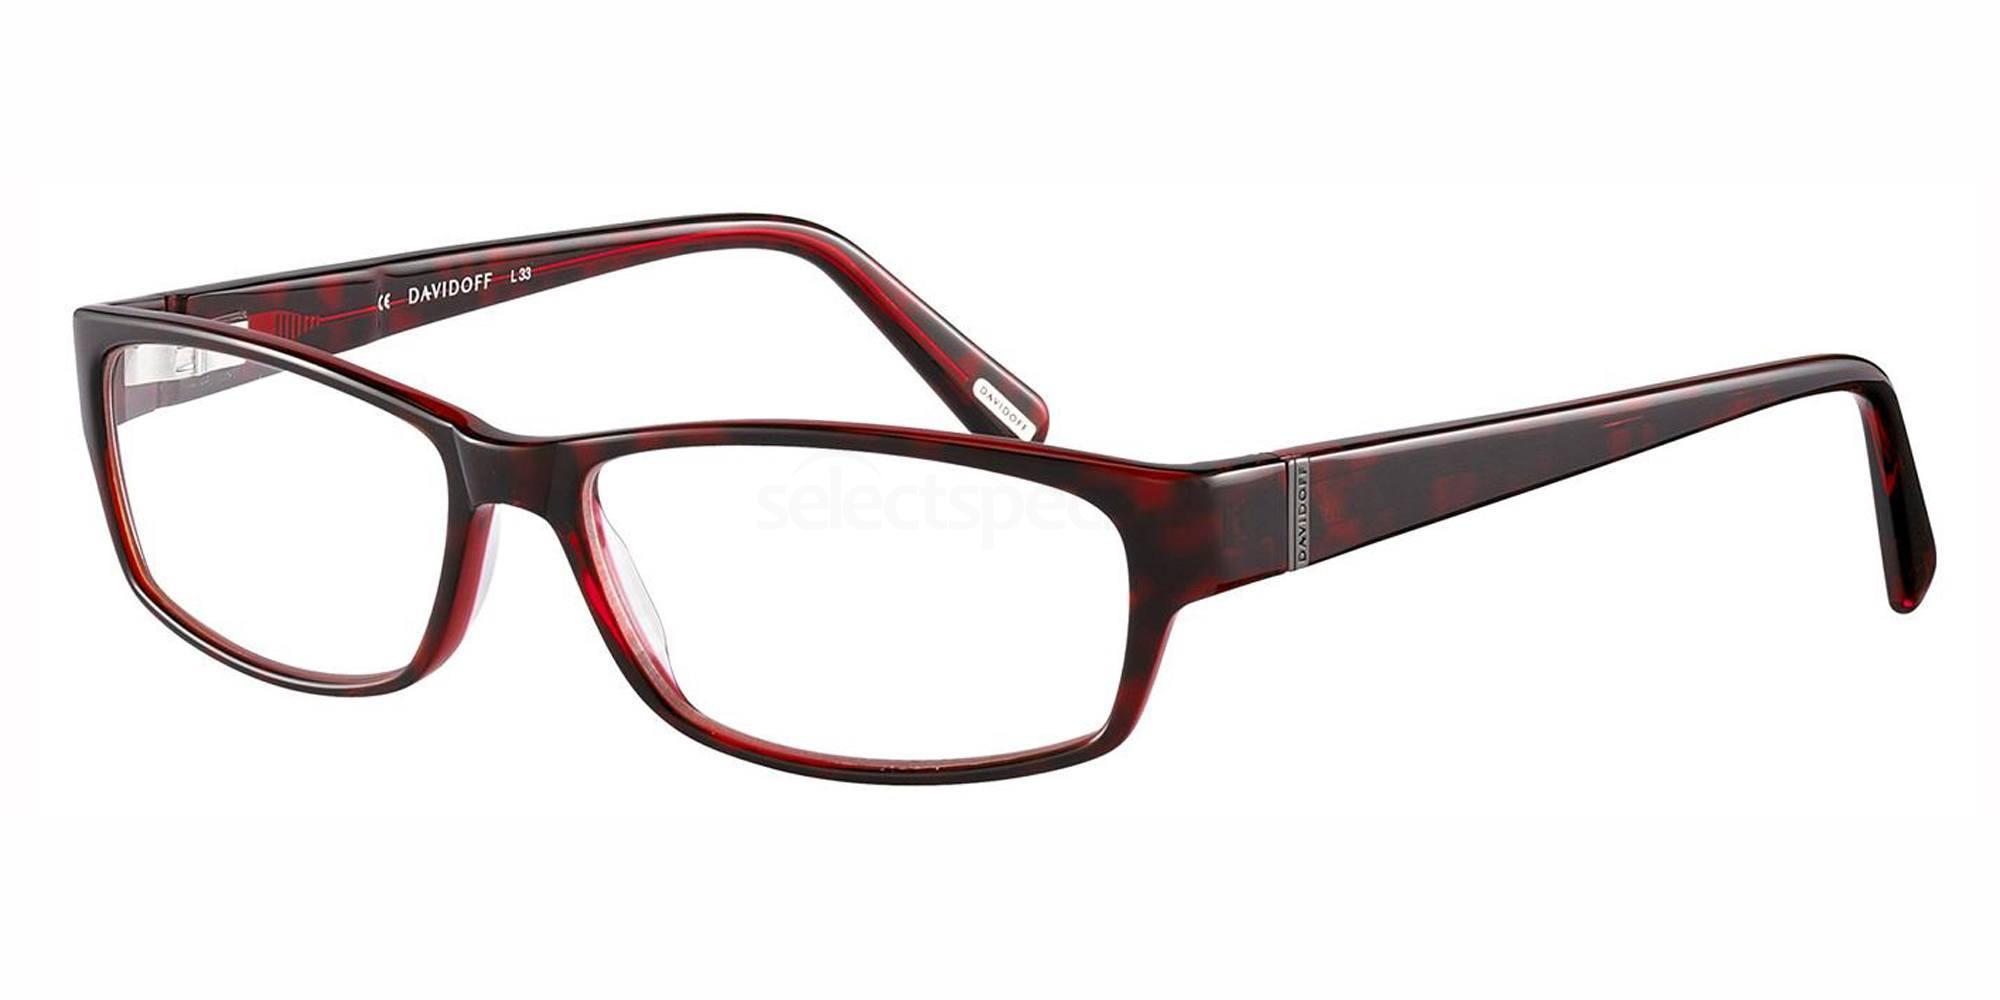 6270 91024 Glasses, DAVIDOFF Eyewear